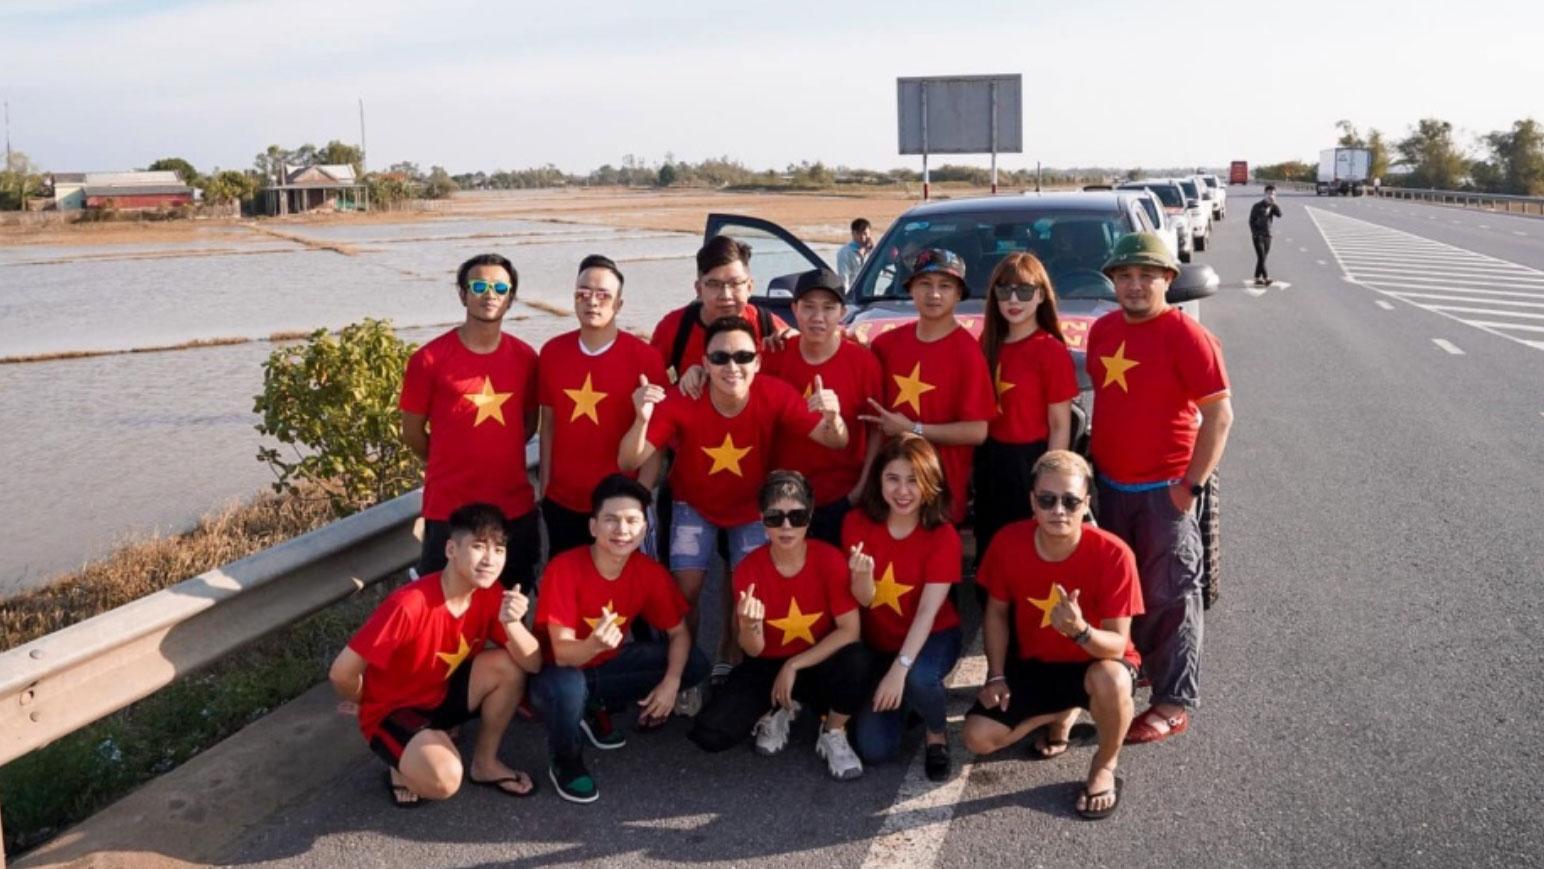 Anh Đức cùng dàn nghệ sĩ mặc áo cờ đỏ sao vàng đi miền Trung tiếp tế cho người dân